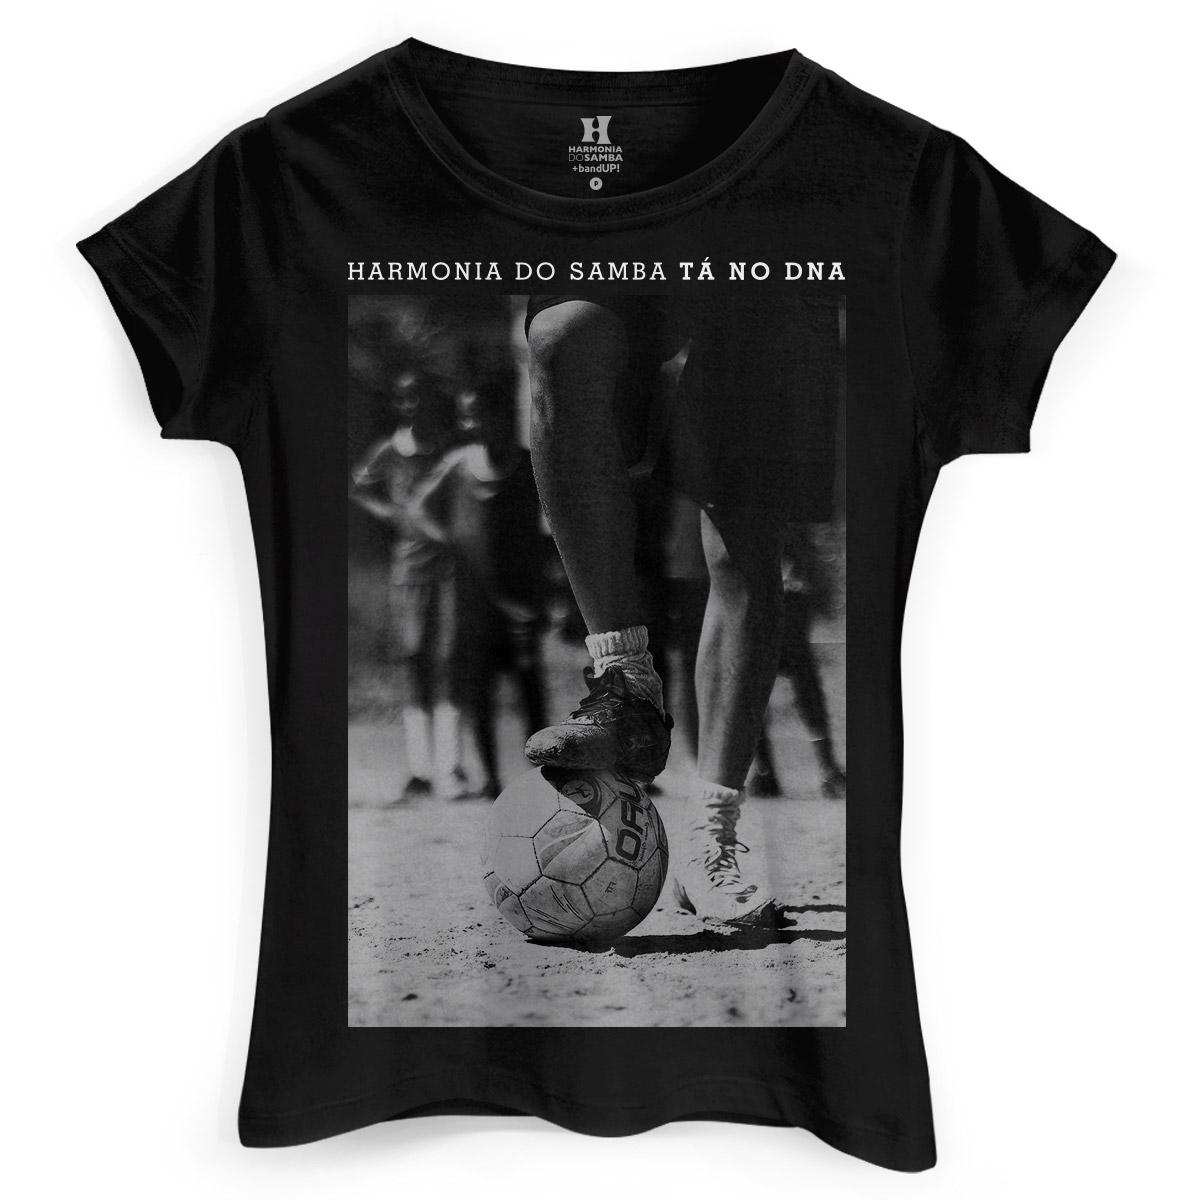 Camiseta Feminina Harmonia do Samba Tá no DNA Futebol